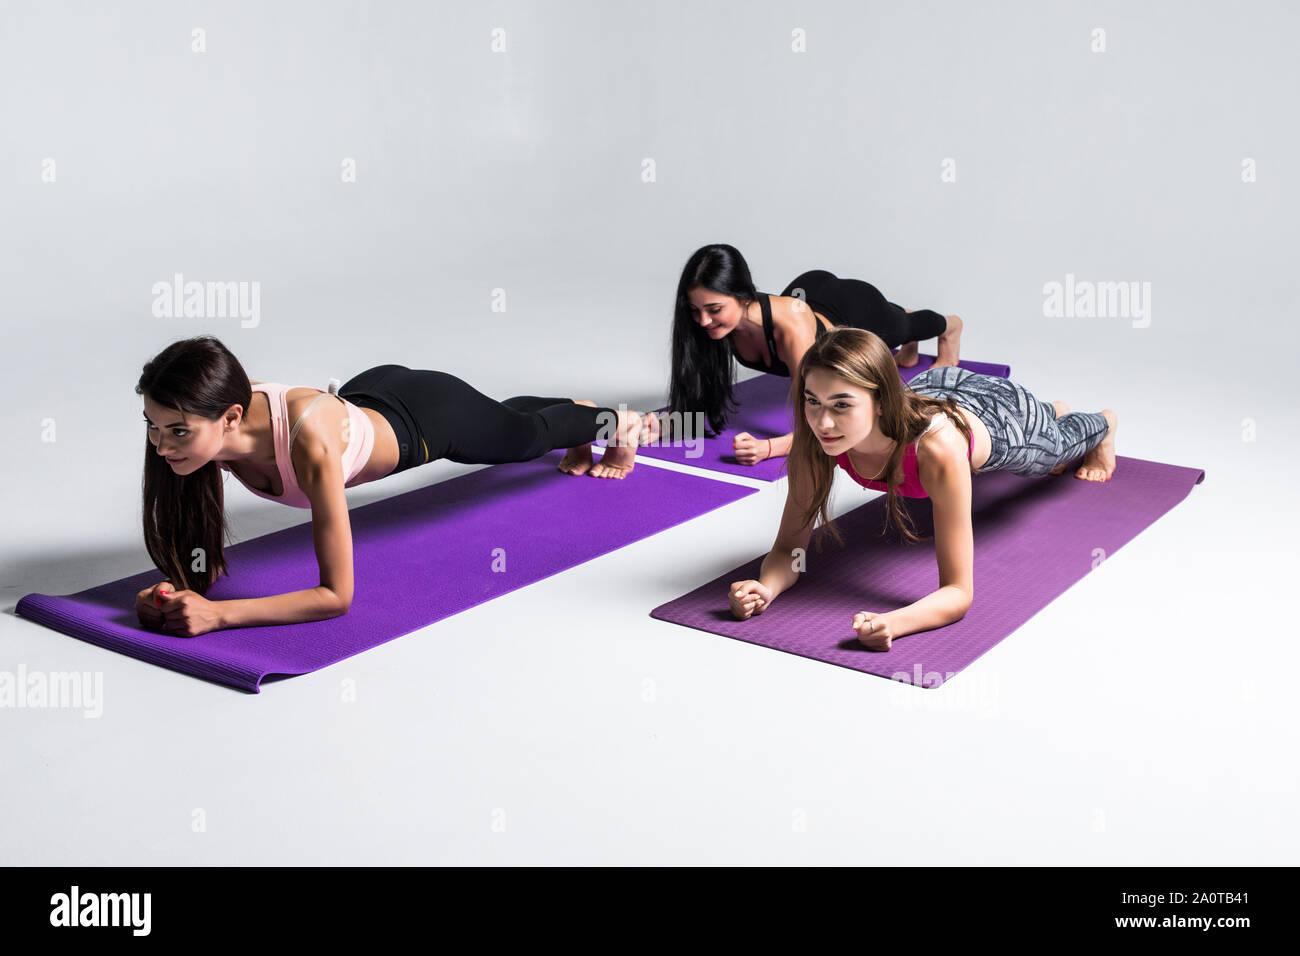 Trois Superbes Filles Faisant Du Sport Exercice Planche Allonge Sur Un Tapis De Yoga En Cours De Conditionnement Physique Photo Stock Alamy